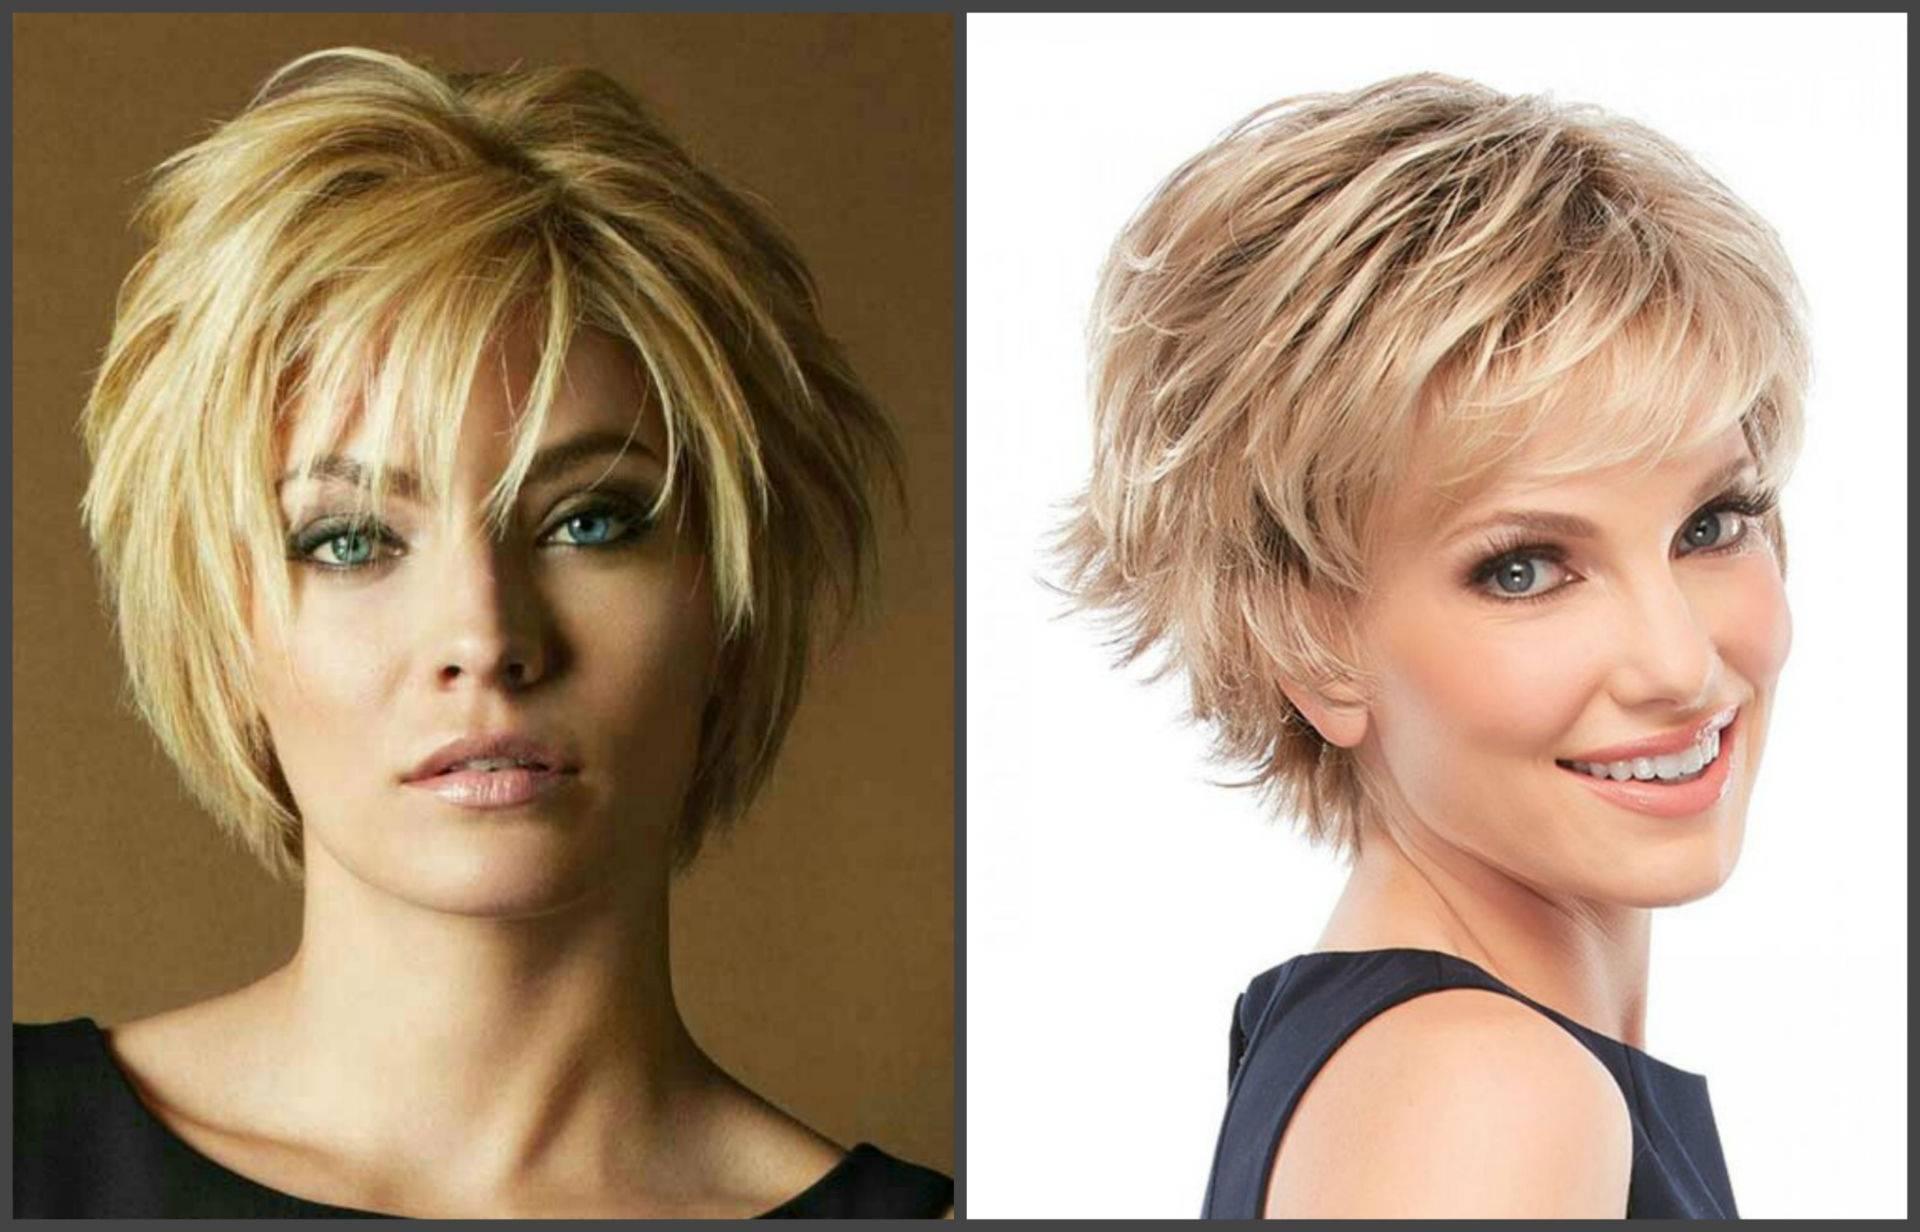 Короткие стрижки для круглого лица (86 фото): женские причёски-2021, какие подойдут дамам после 50 лет и варианты для тонких волос, выбор чёлки и нюансы исполнения для полных женщин